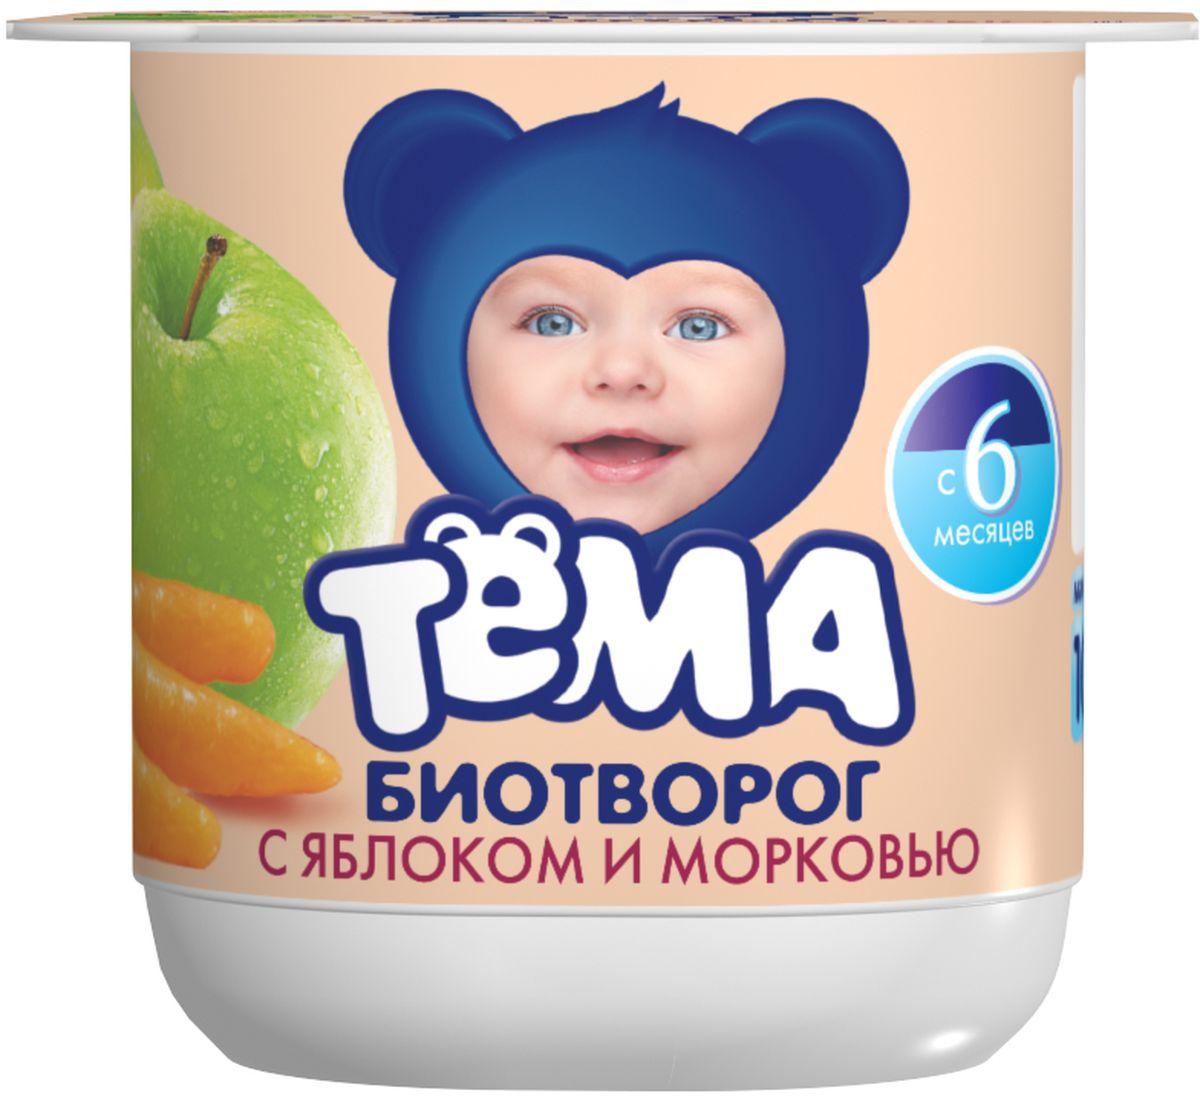 Творог детский Тёма Яблоко-Морковь, обогащенный бифидобактериями для детского питания.